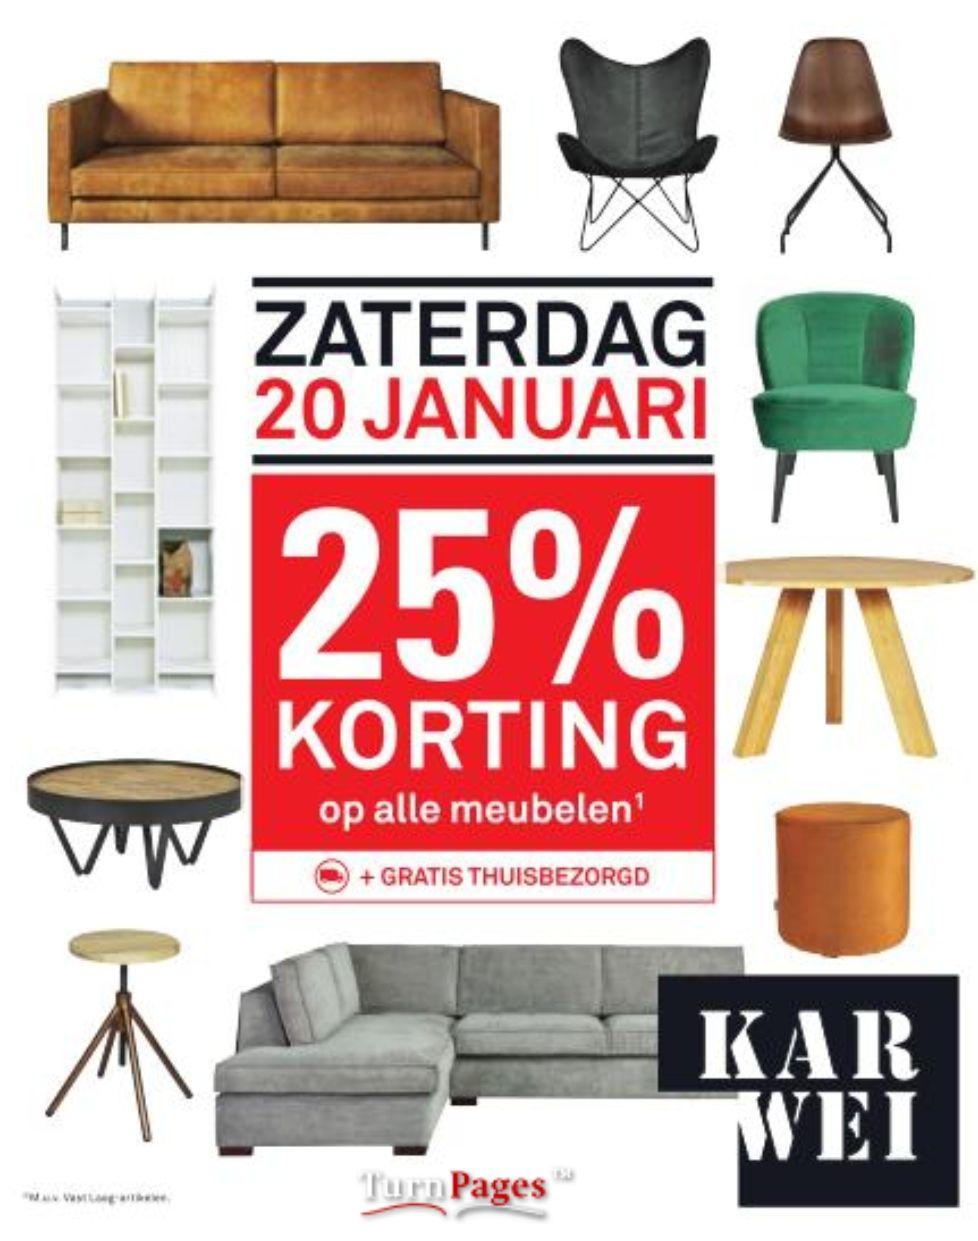 Zaterdag 20 januari 25% korting op alle meubelen